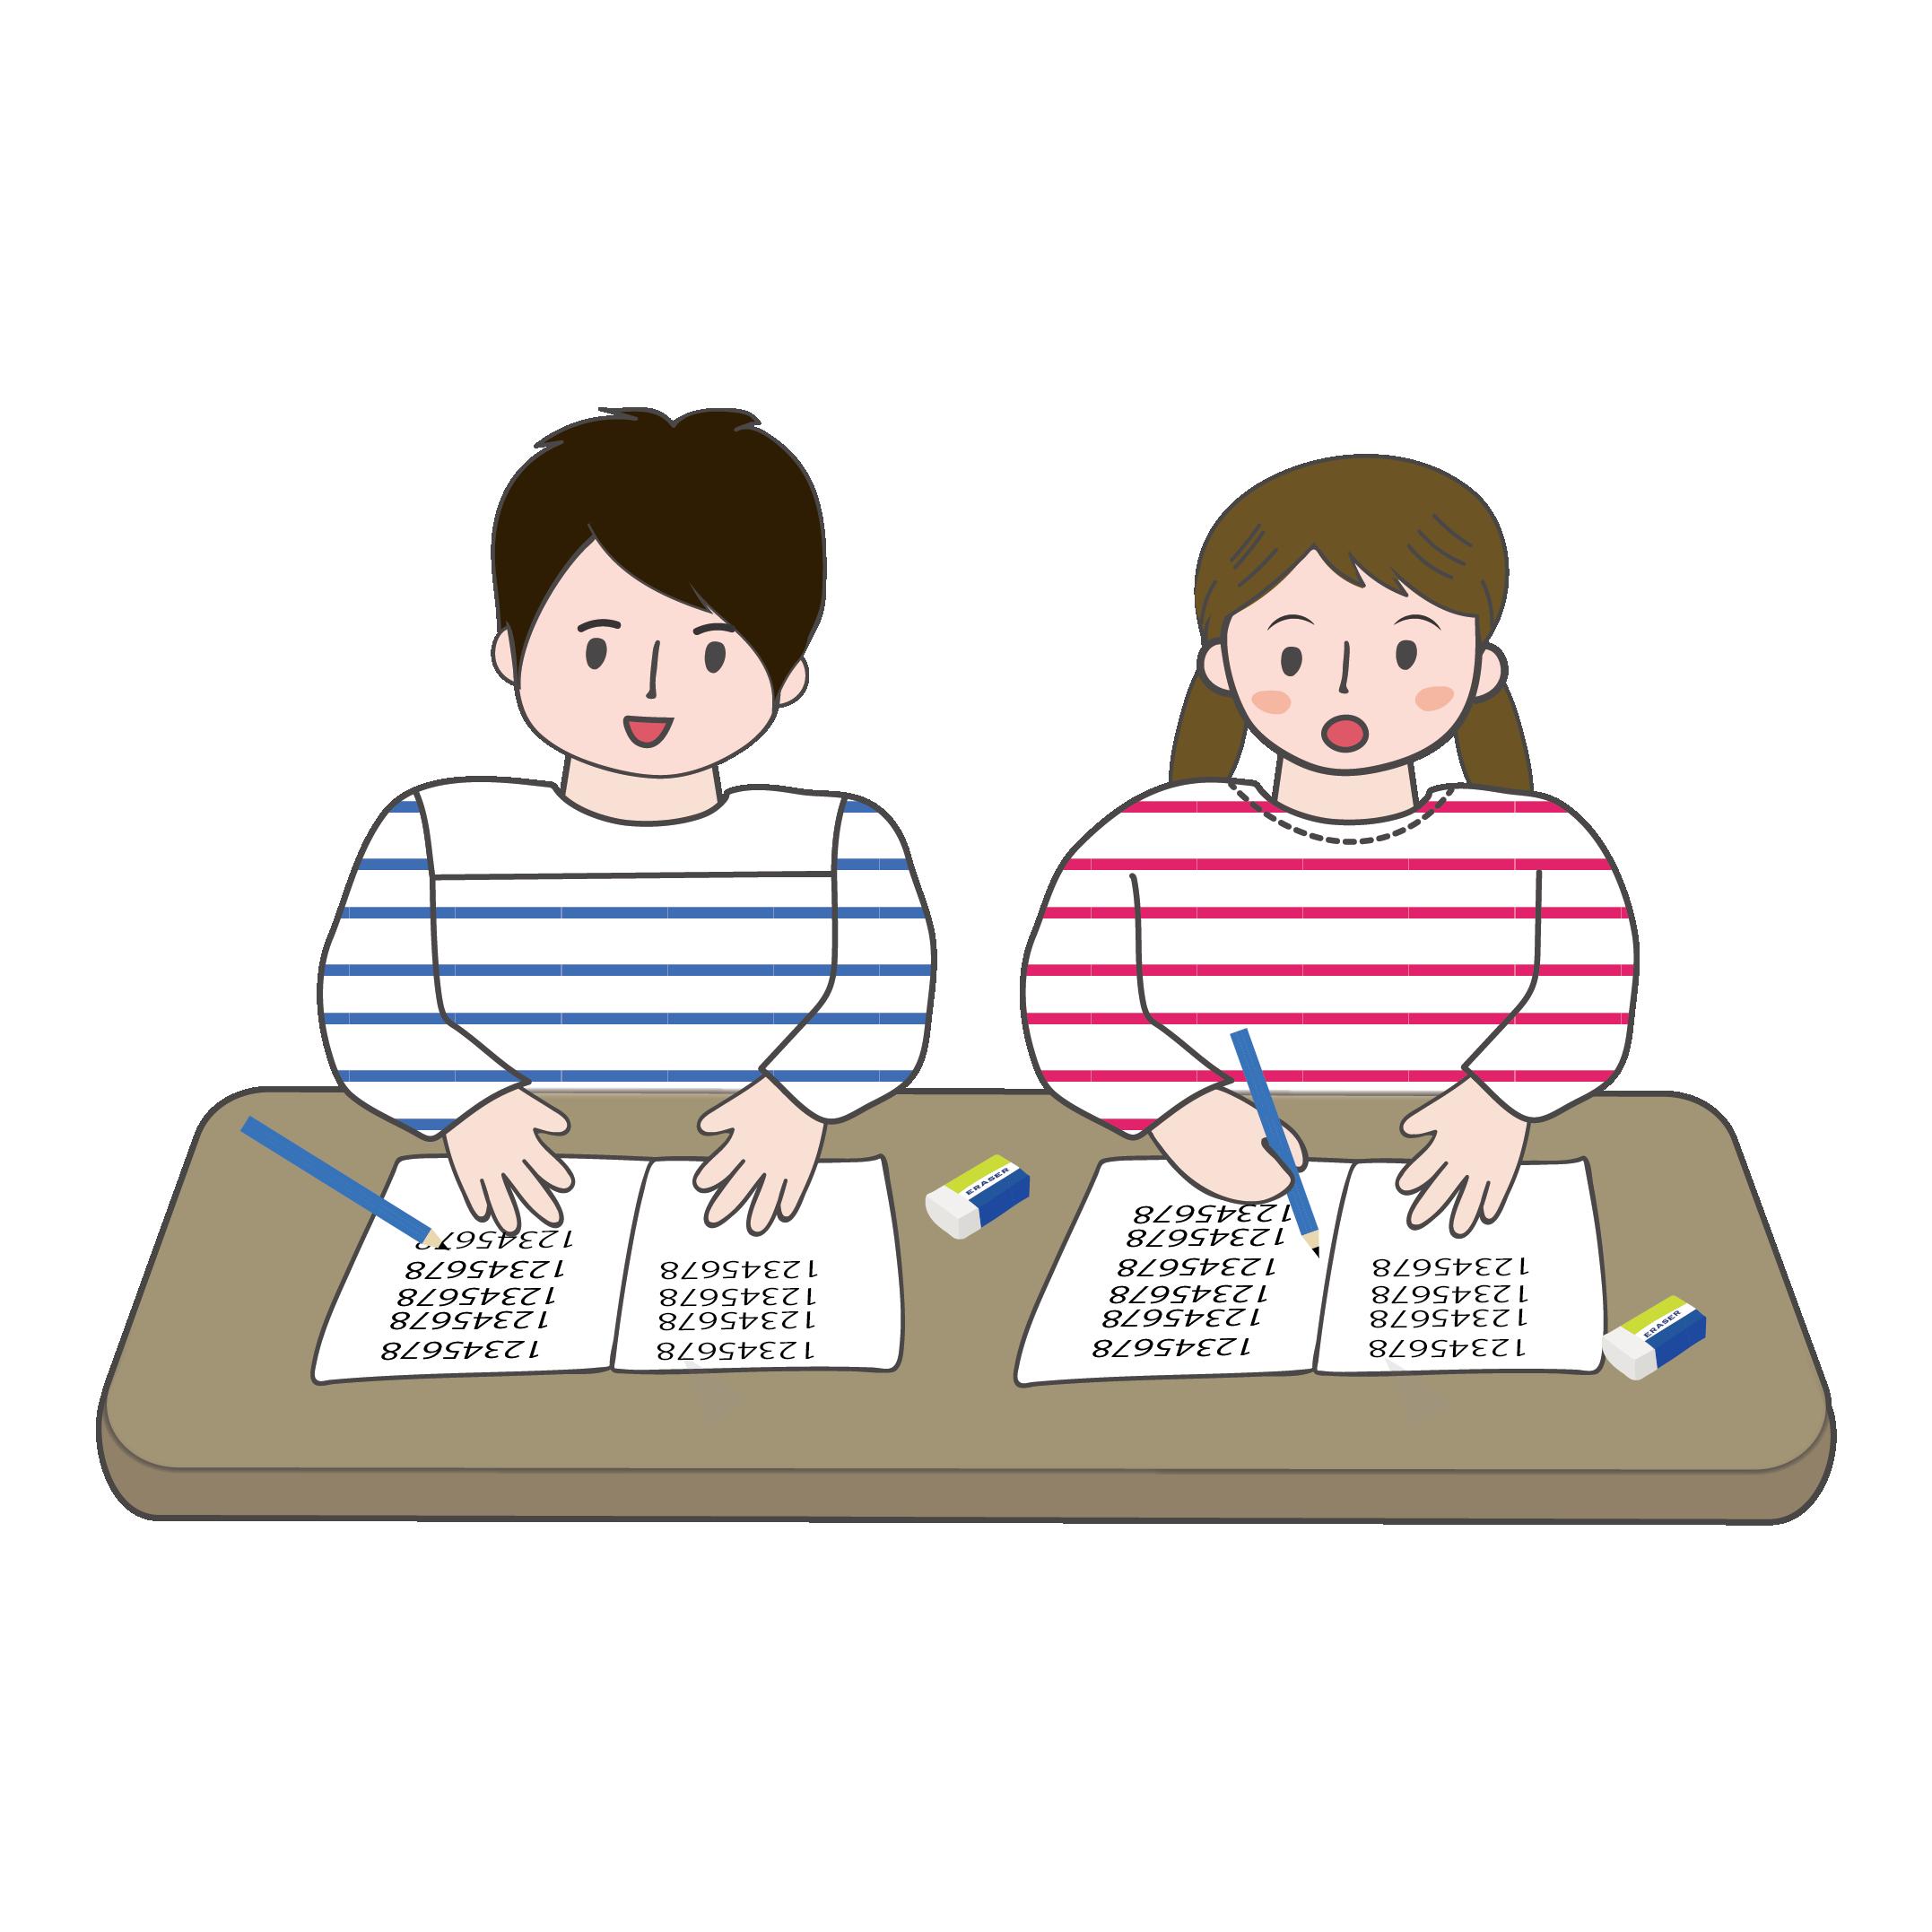 友達と一緒に宿題を勉強中!イラスト | 商用フリー(無料)のイラスト素材